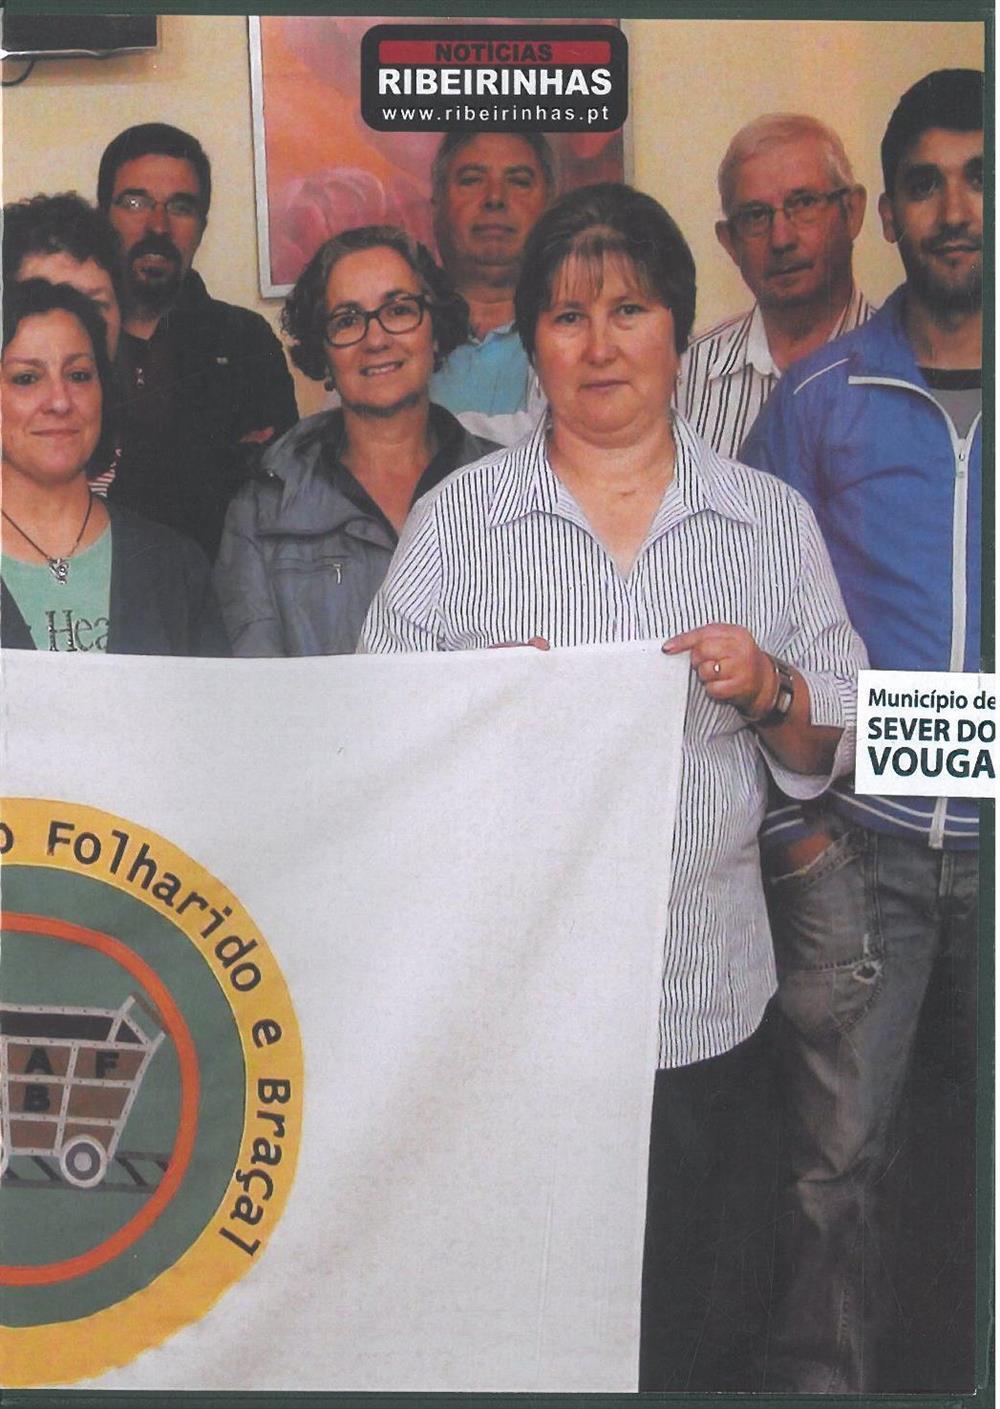 Liga dos Amigos do Folharido e Braçal_DVD.jpg